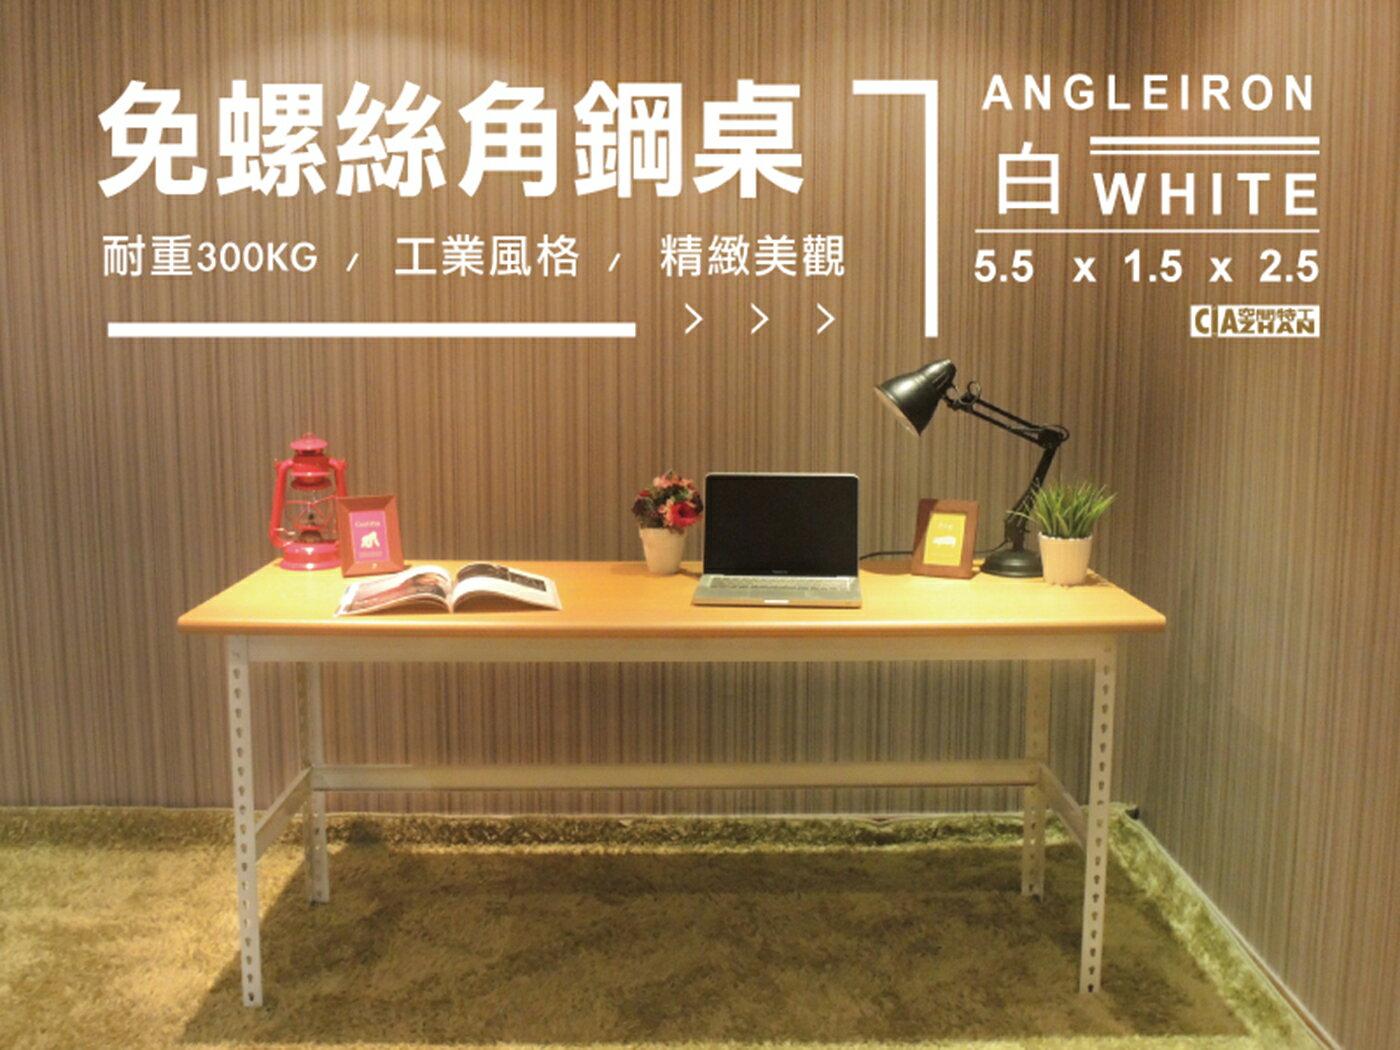 書桌♞空間特工♞(木紋桌板180x60cm,高密度塑合板 抗刮耐磨)OA辦公桌 角鋼桌 電腦桌 麻將桌 免運費 - 限時優惠好康折扣